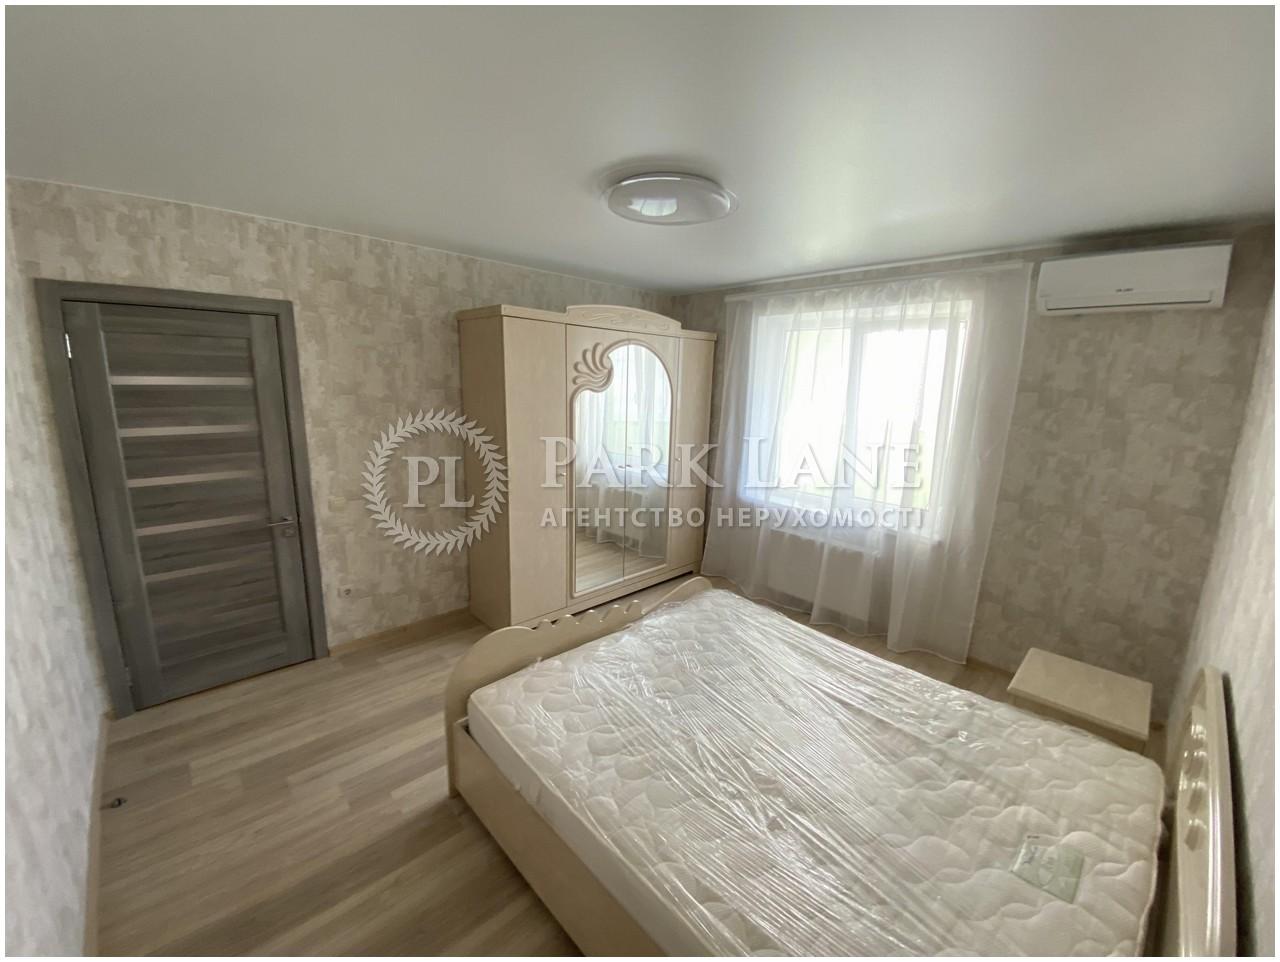 Квартира ул. Пригородная, 26б, Новоселки (Киево-Святошинский), R-34951 - Фото 3